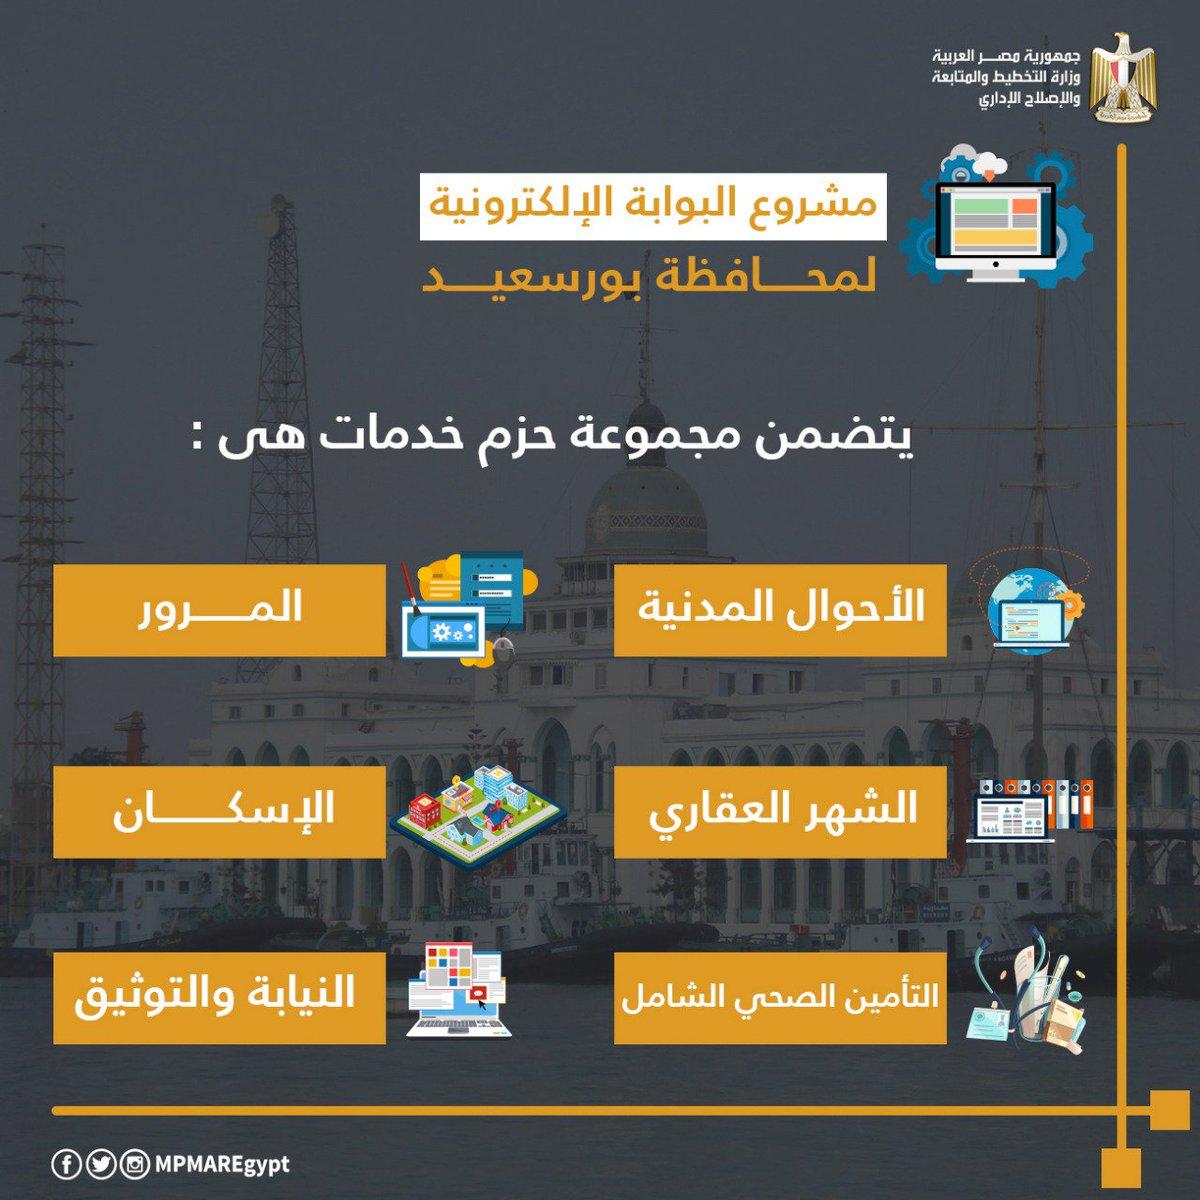 الجهود المبذولة فى مشروعات المنظومة الآلية الموحدة للتحول الرقمى بمحافظة #بورسعيد كأول محافظة رقمية ذكية ٢٠١٩